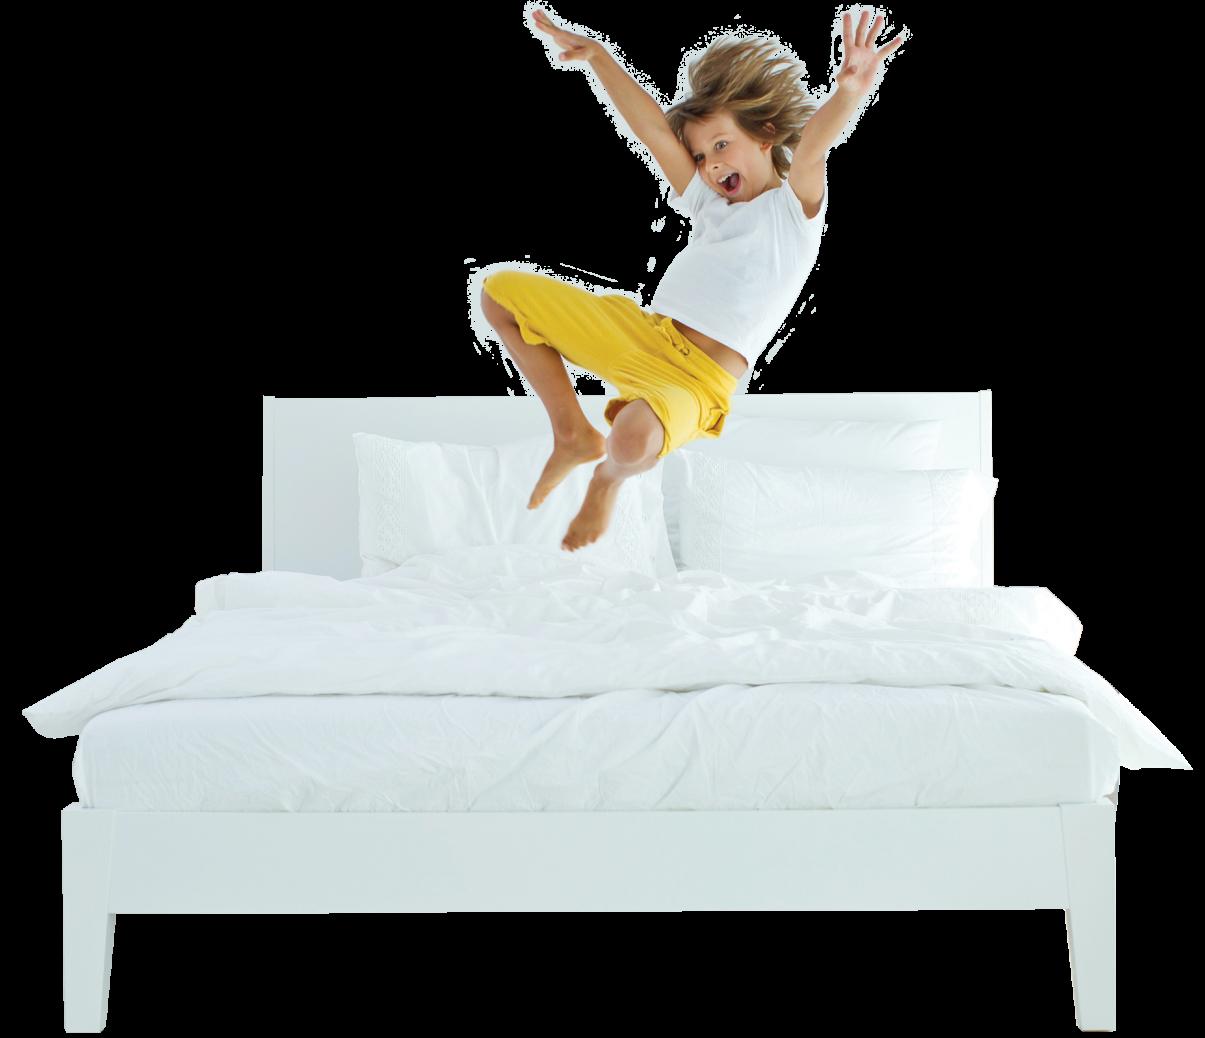 Bambino-letto-vantaggi